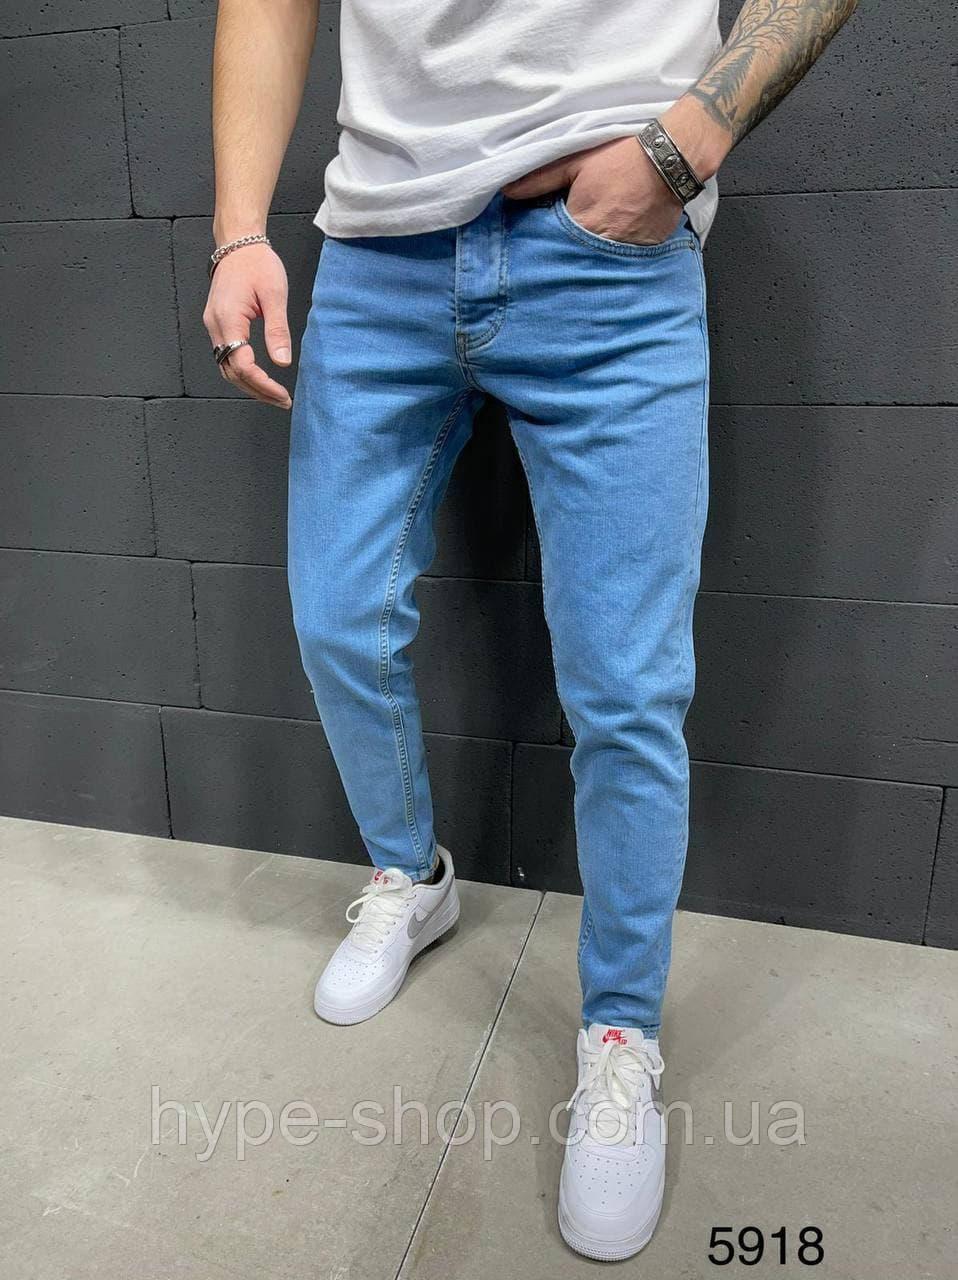 Стильні завужені джинси чоловічі Туреччина, сині